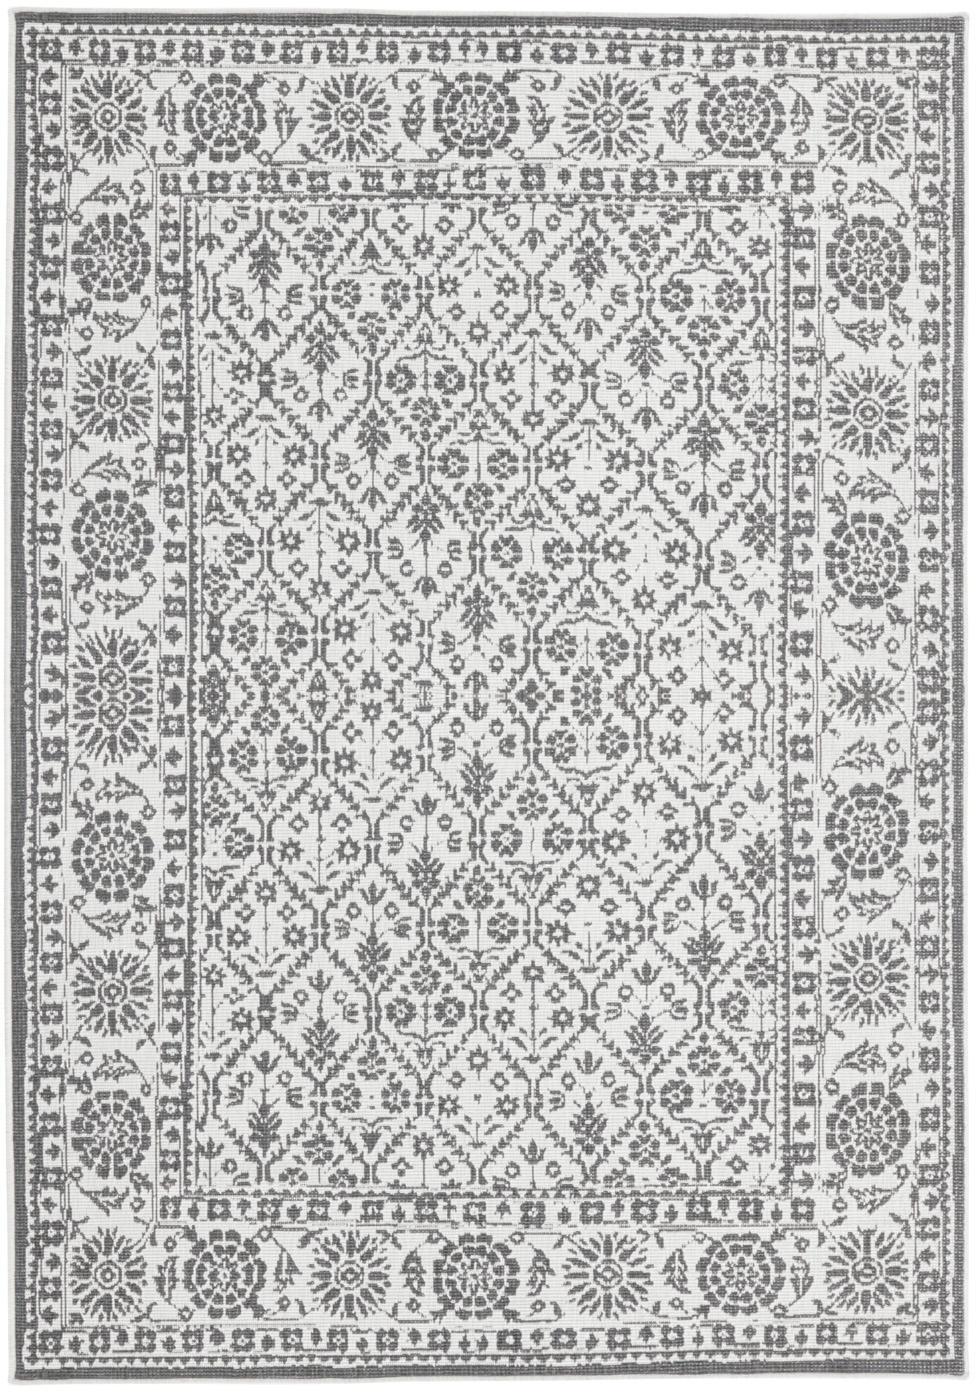 Tappeto vintage reversibile da interno-esterno Curacao, Grigio, color crema, Larg.160 x Lung. 230 cm (taglia M)